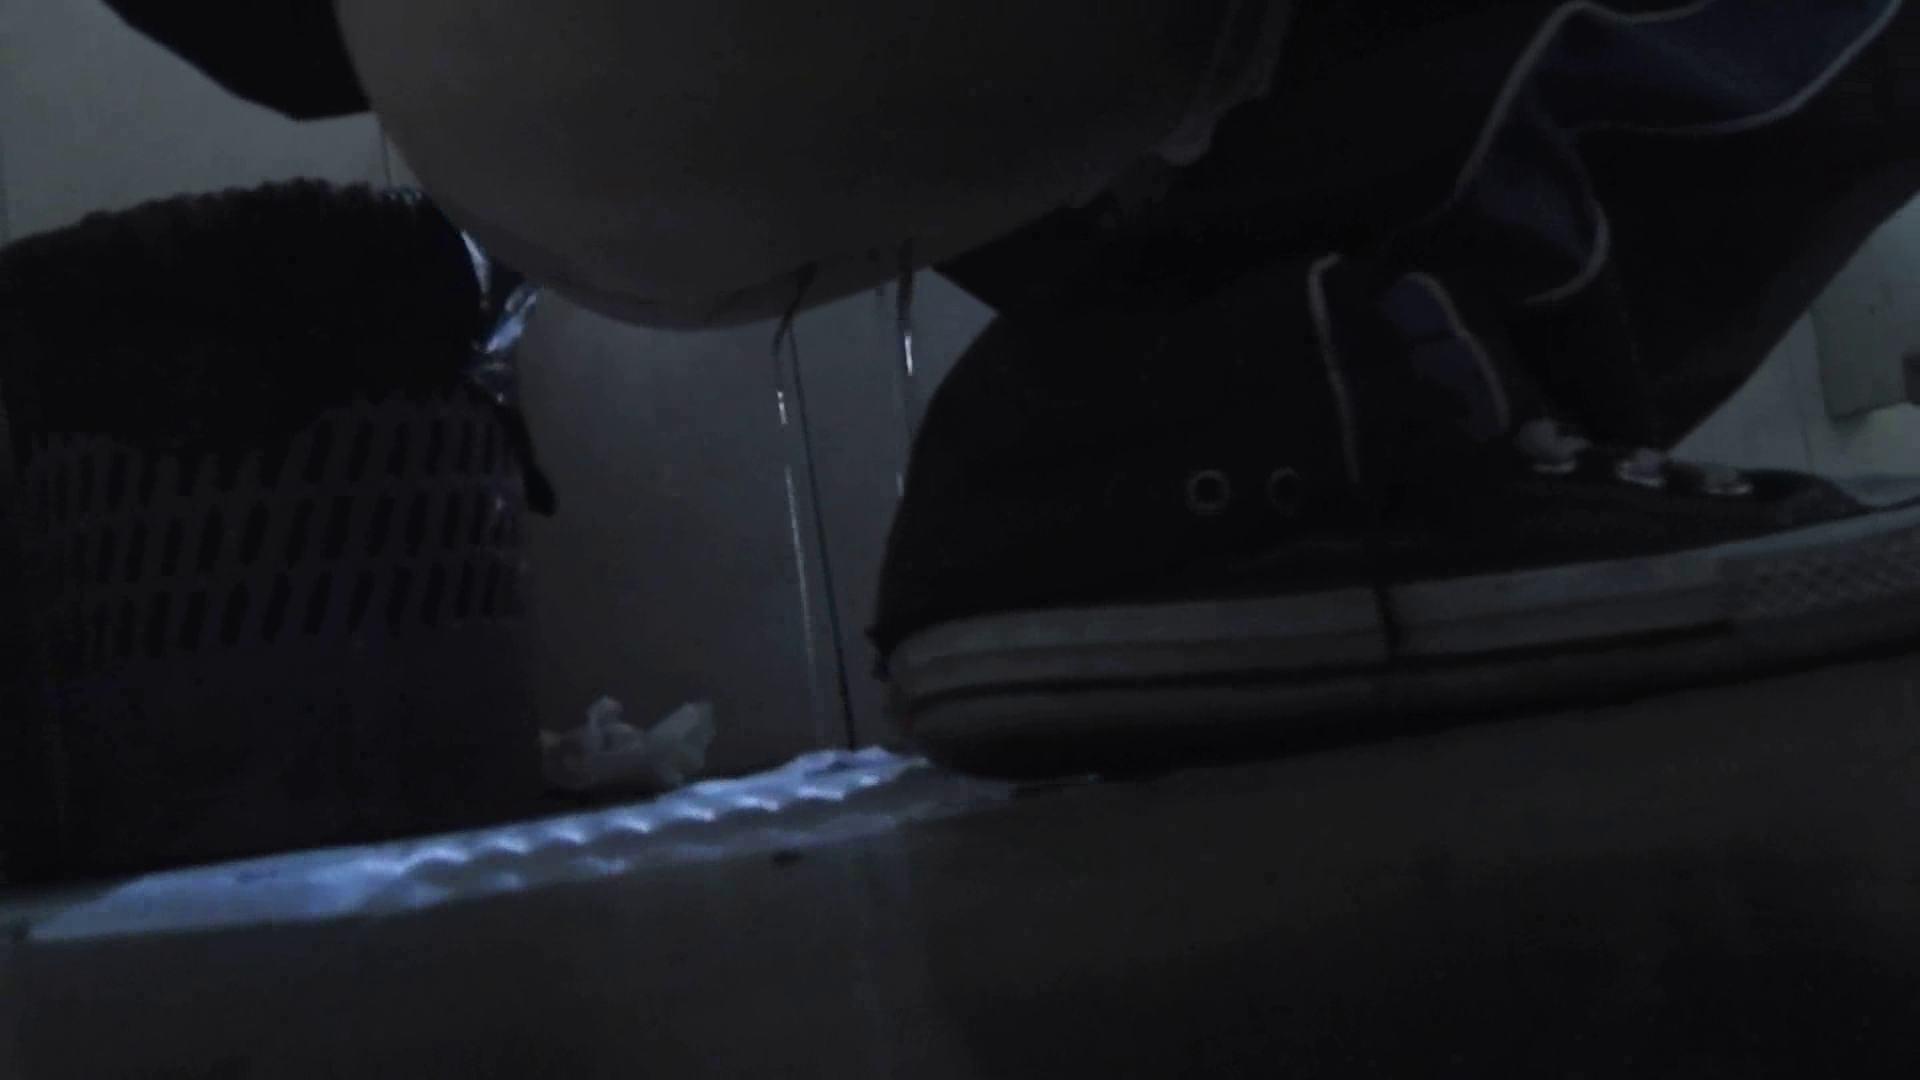 世界の射窓から ステーション編 vol.17厦大女厕偷拍 qianp OLのボディ  105PIX 4